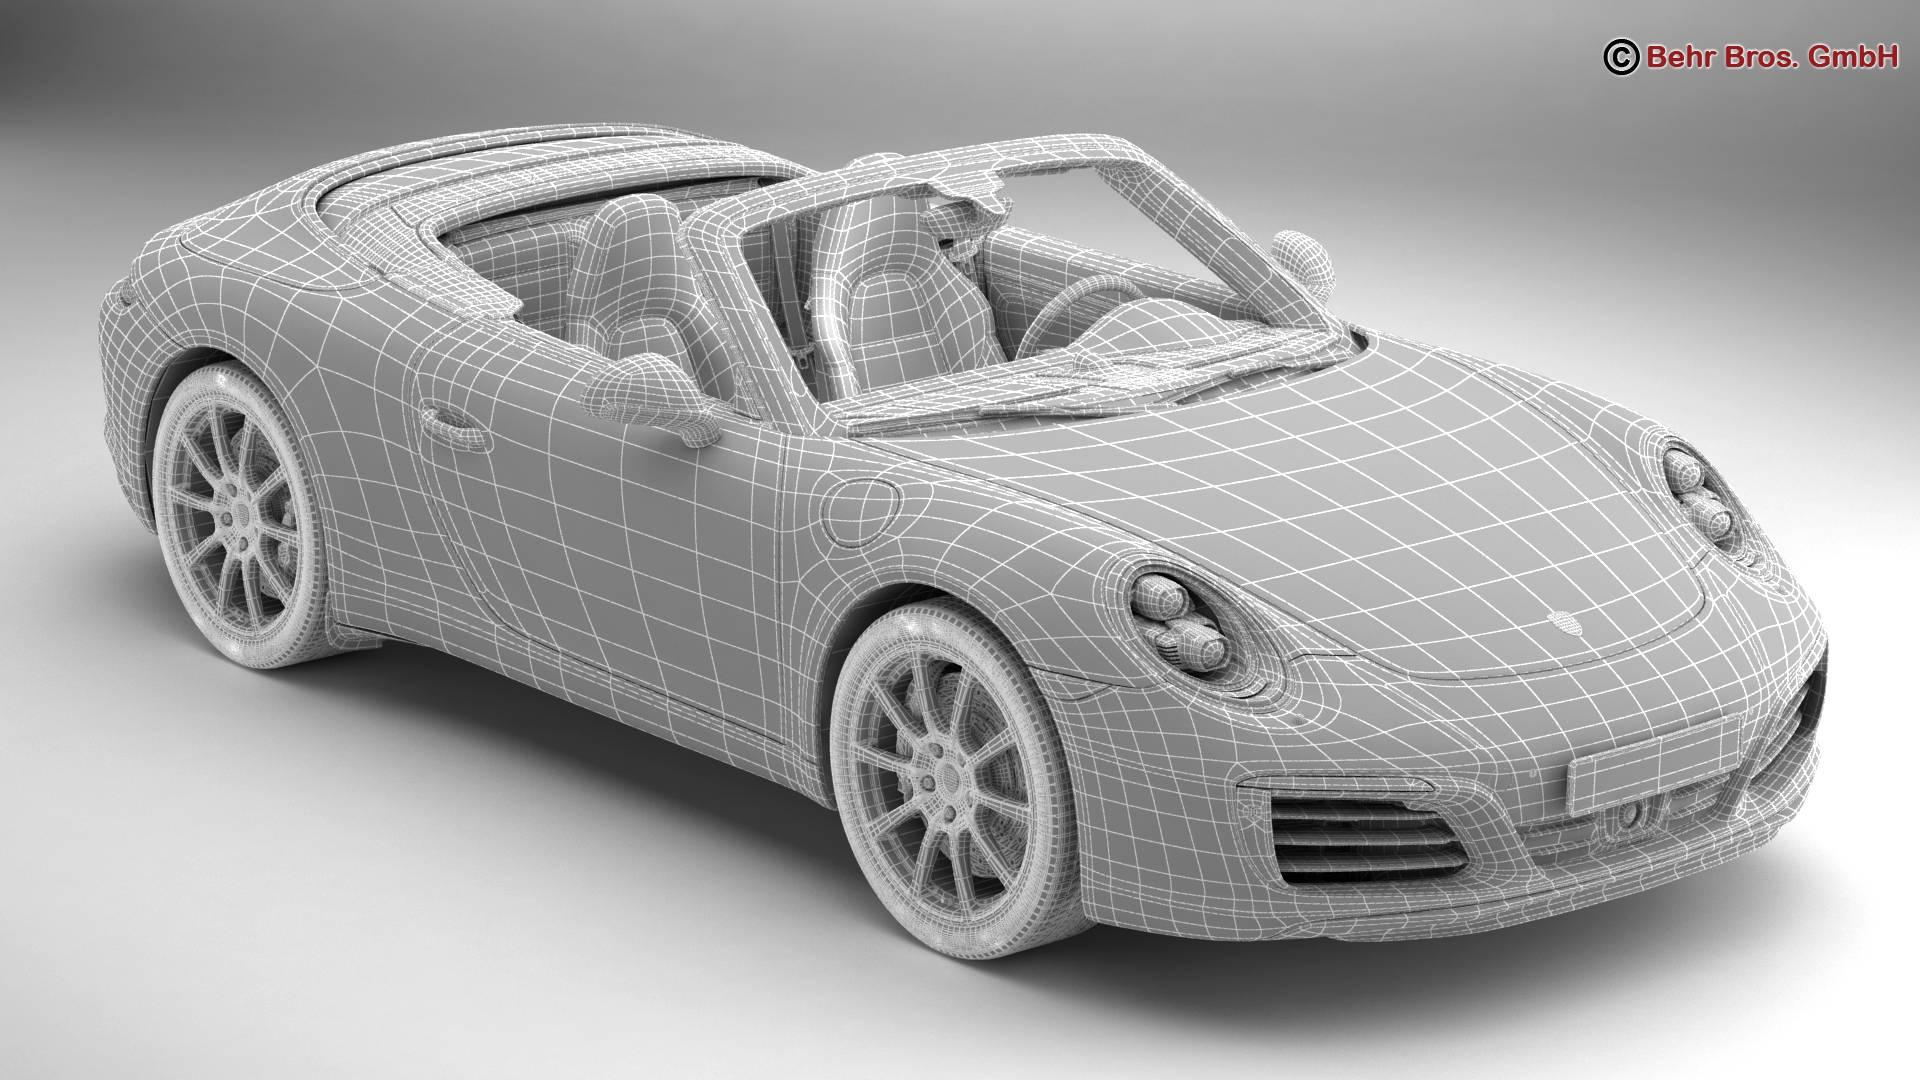 porsche 911 carrera cabriolet 2017 3d líkan 3ds max fbx c4d lwo ma mb obj 220804